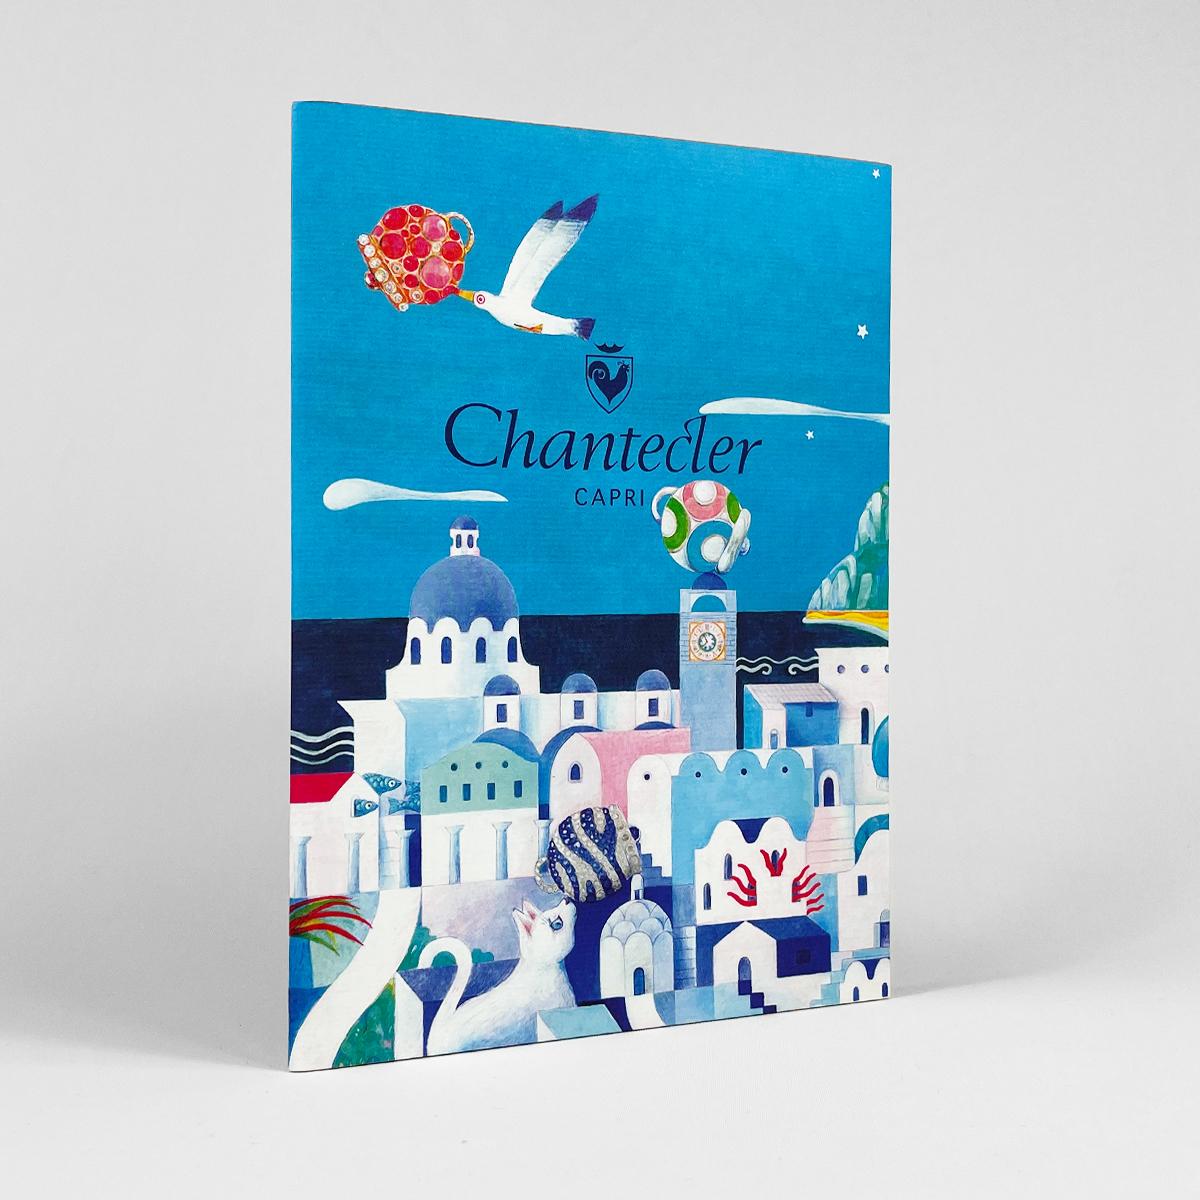 Chantecler-1